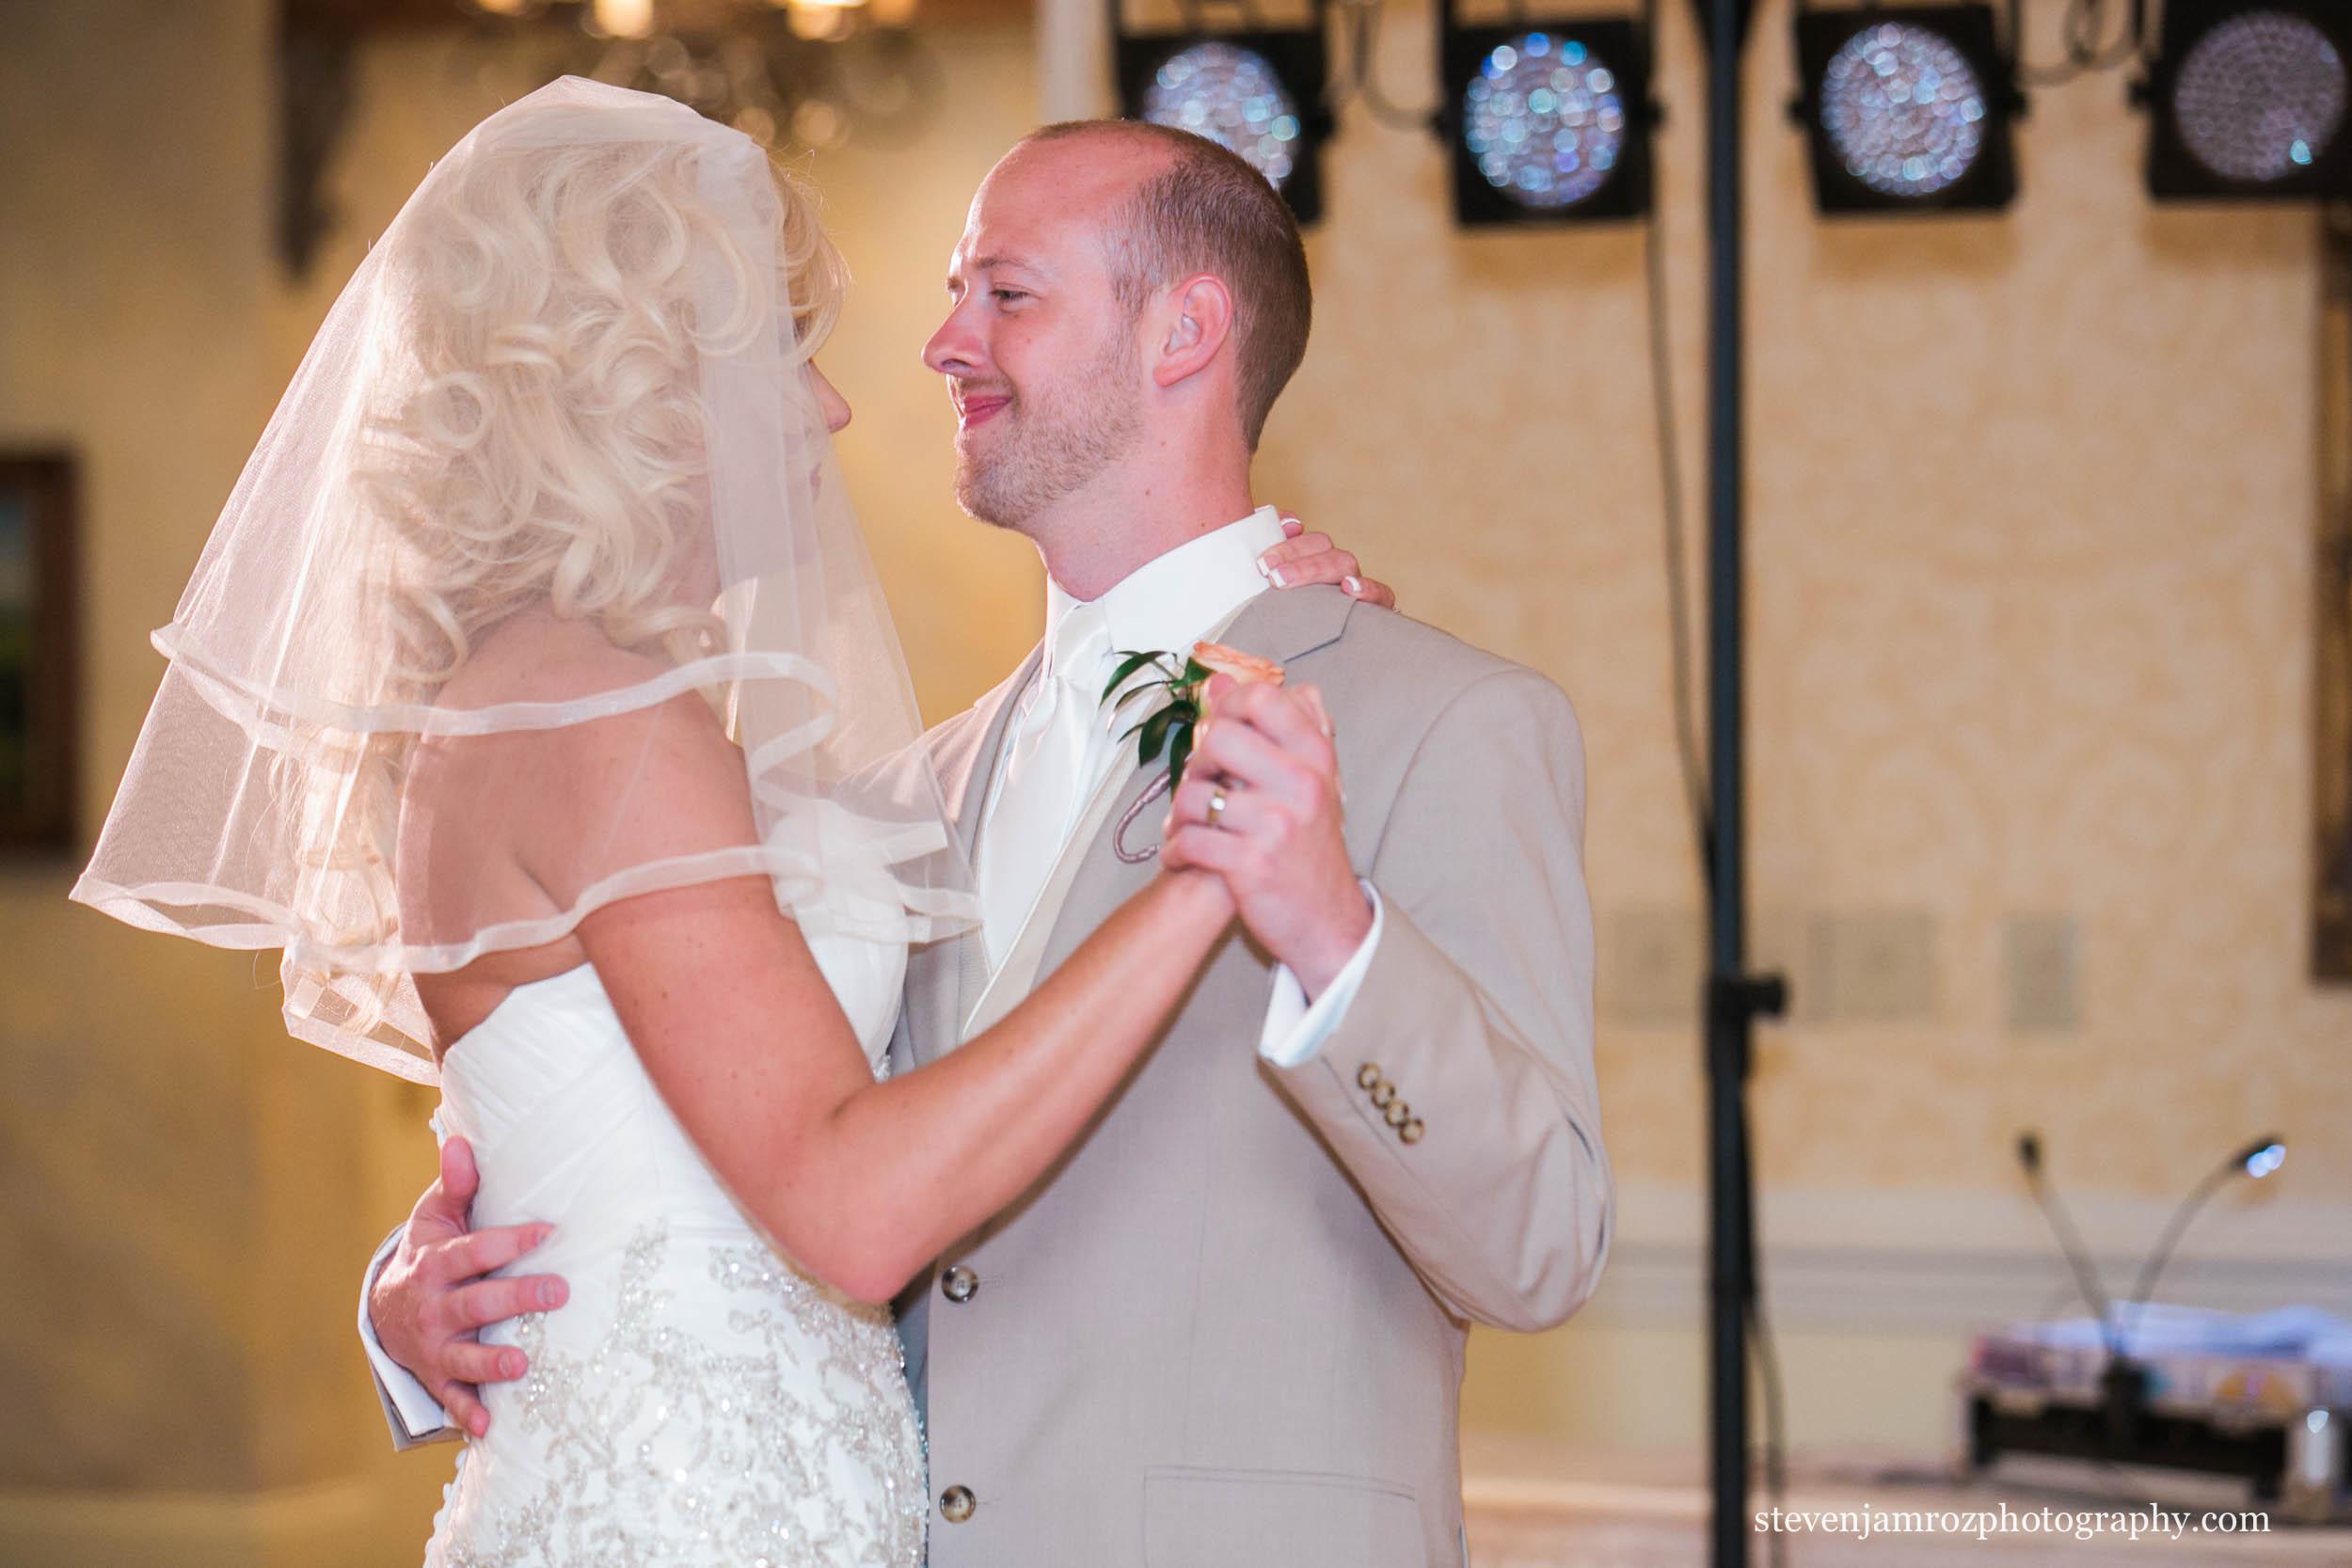 raleigh-cc-wedding-receptions-first-dance-photographer-0785.jpg